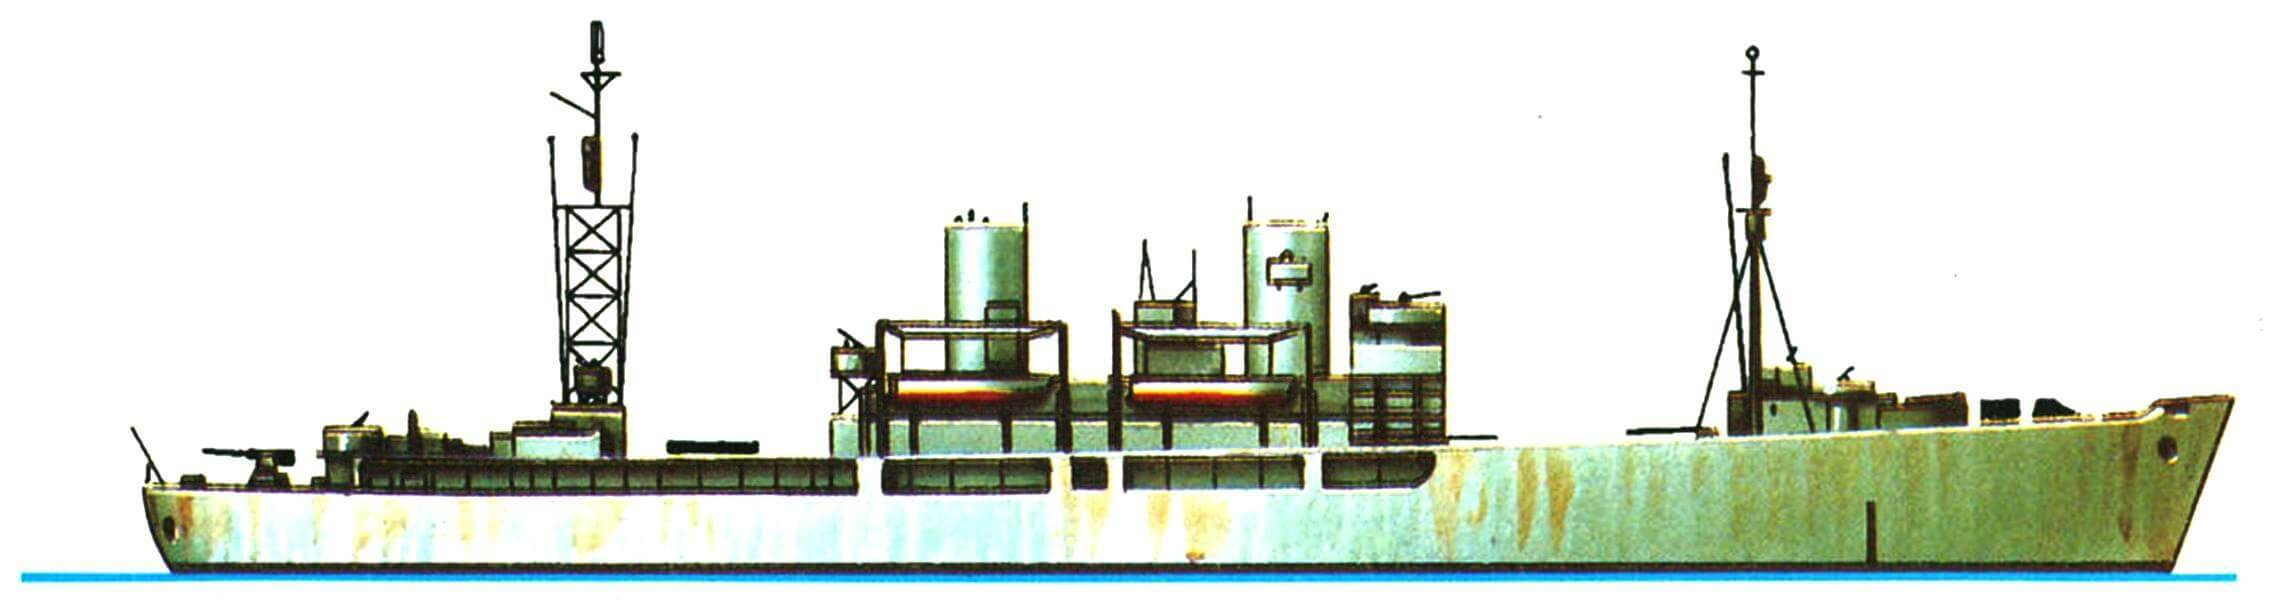 24.Грузовой десантный транспорт «Артемис» типа АКА, США, 1943 г. Водоизмещение стандартное 4300 т, полное 6740 т,длина наибольшая 129,9 м, ширина 17,7 м, осадка 4,7 м. Две турбины мощностью 6000 л.с., скорость 17,5 узла. Вооружение: одно 127-мморудие,восемь 40-мм и одиннадцать 20-мм автоматов. Вместимость: 900 т груза, 12 десантных катеров типа LCVР, два LCM и один LCP. Всего в 1943 — 1945 годах построено 99 транспортов АКА на базе стандартных транспортных судов.